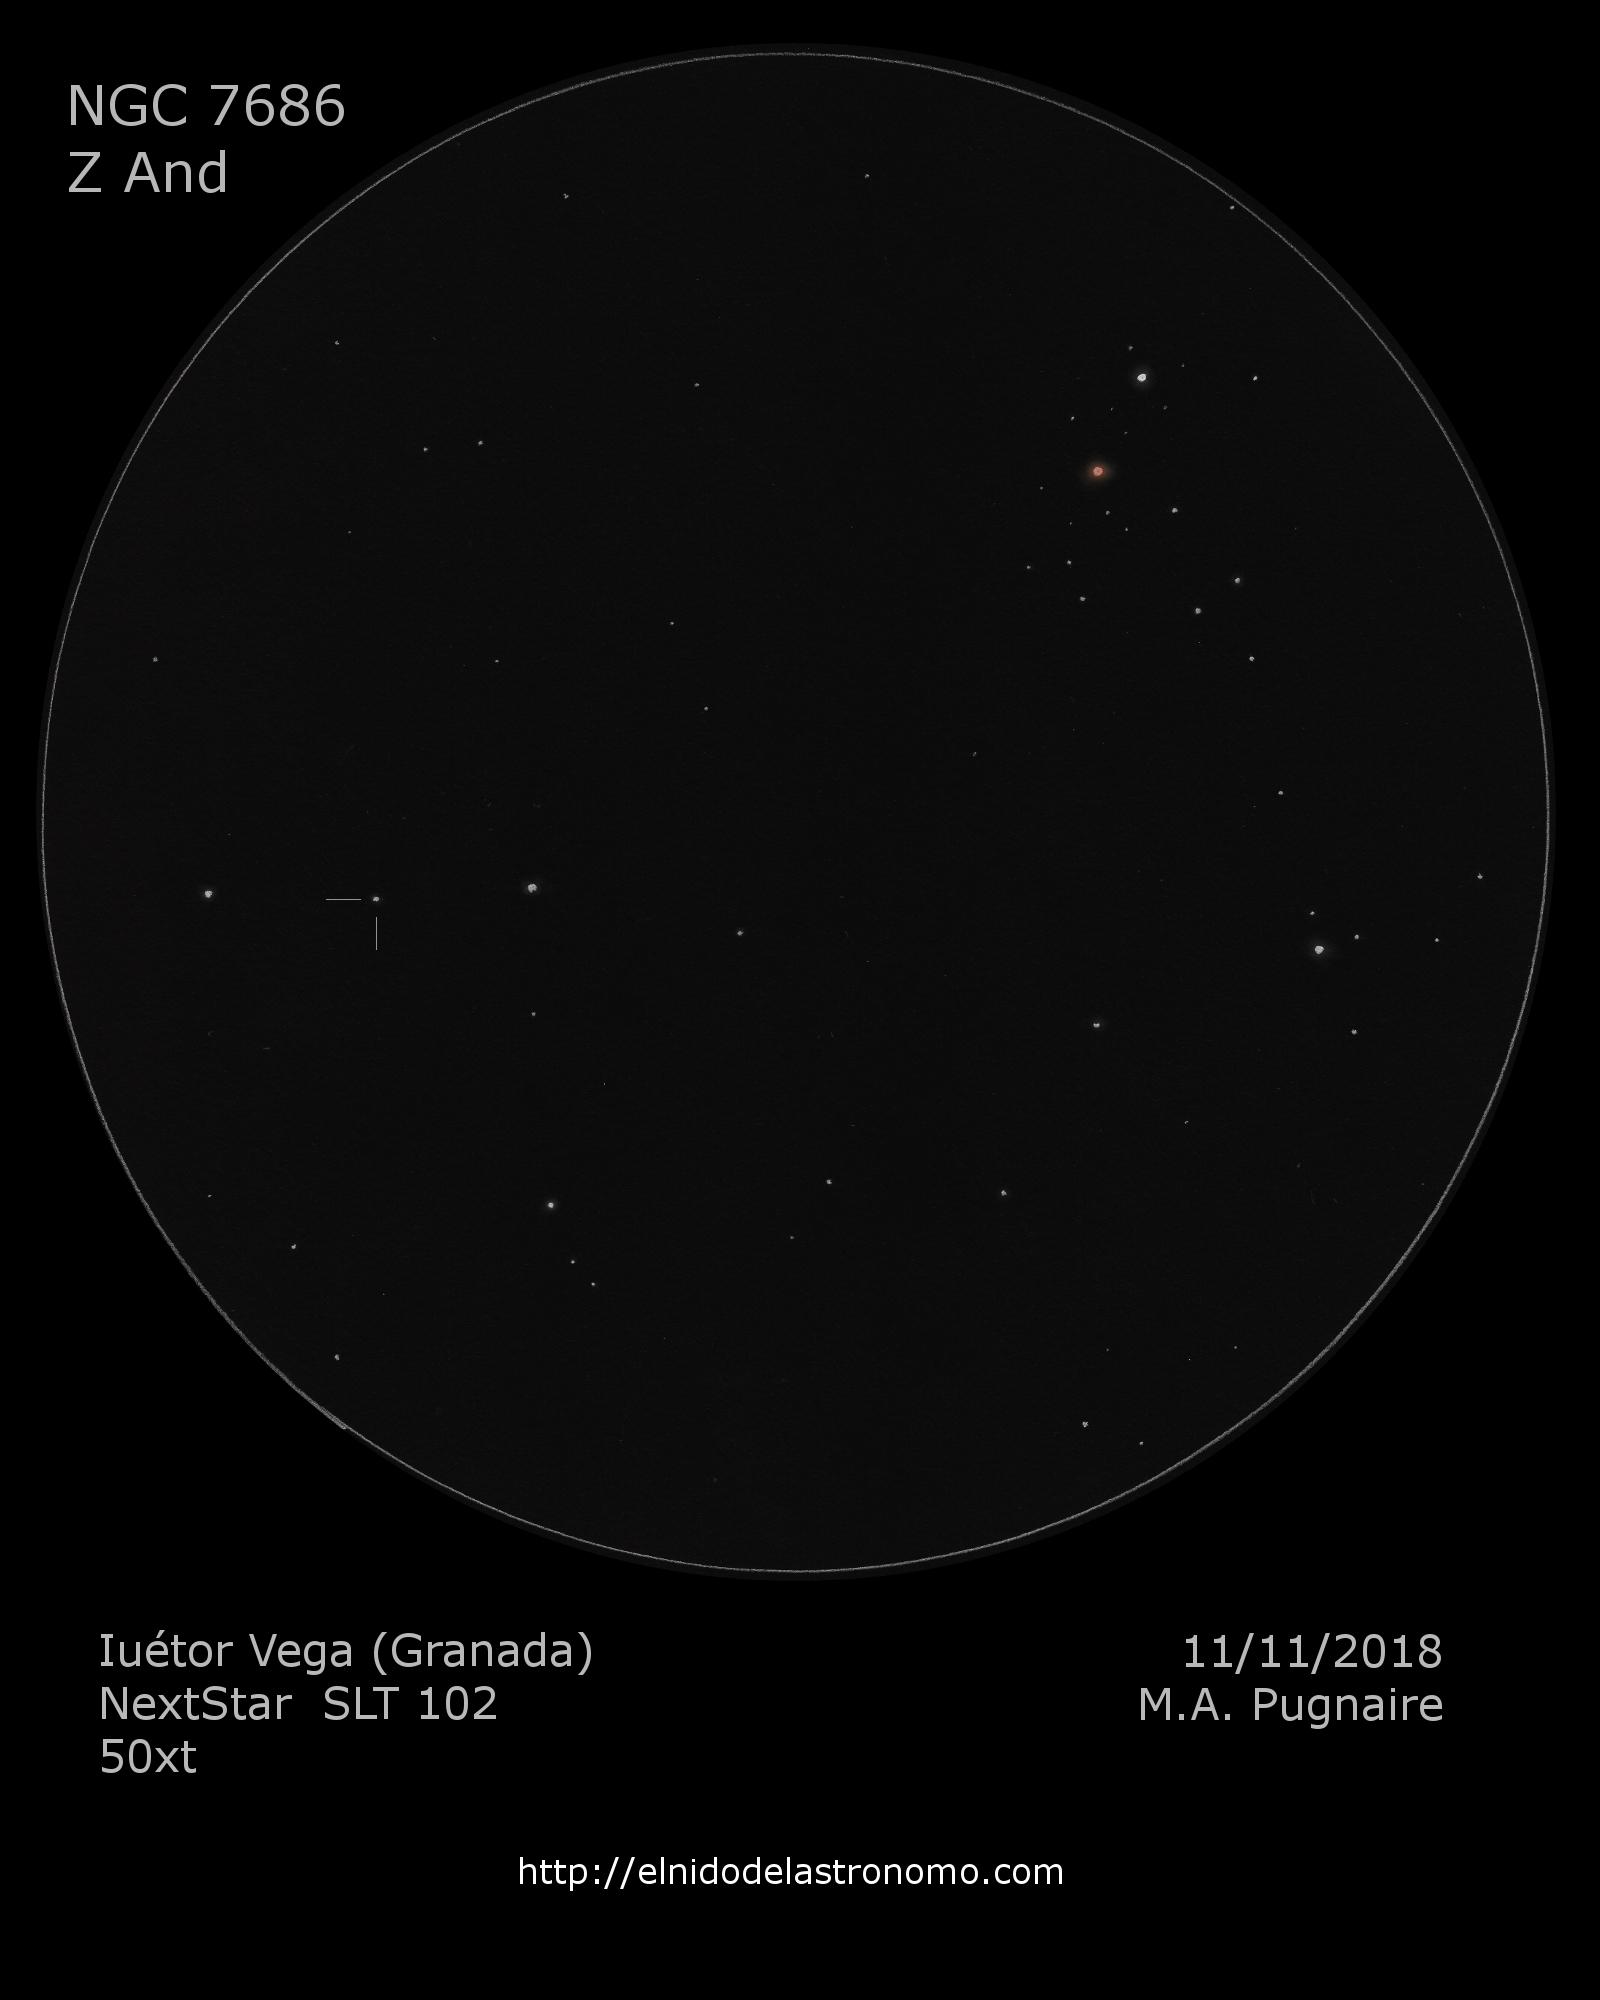 NGC 7686